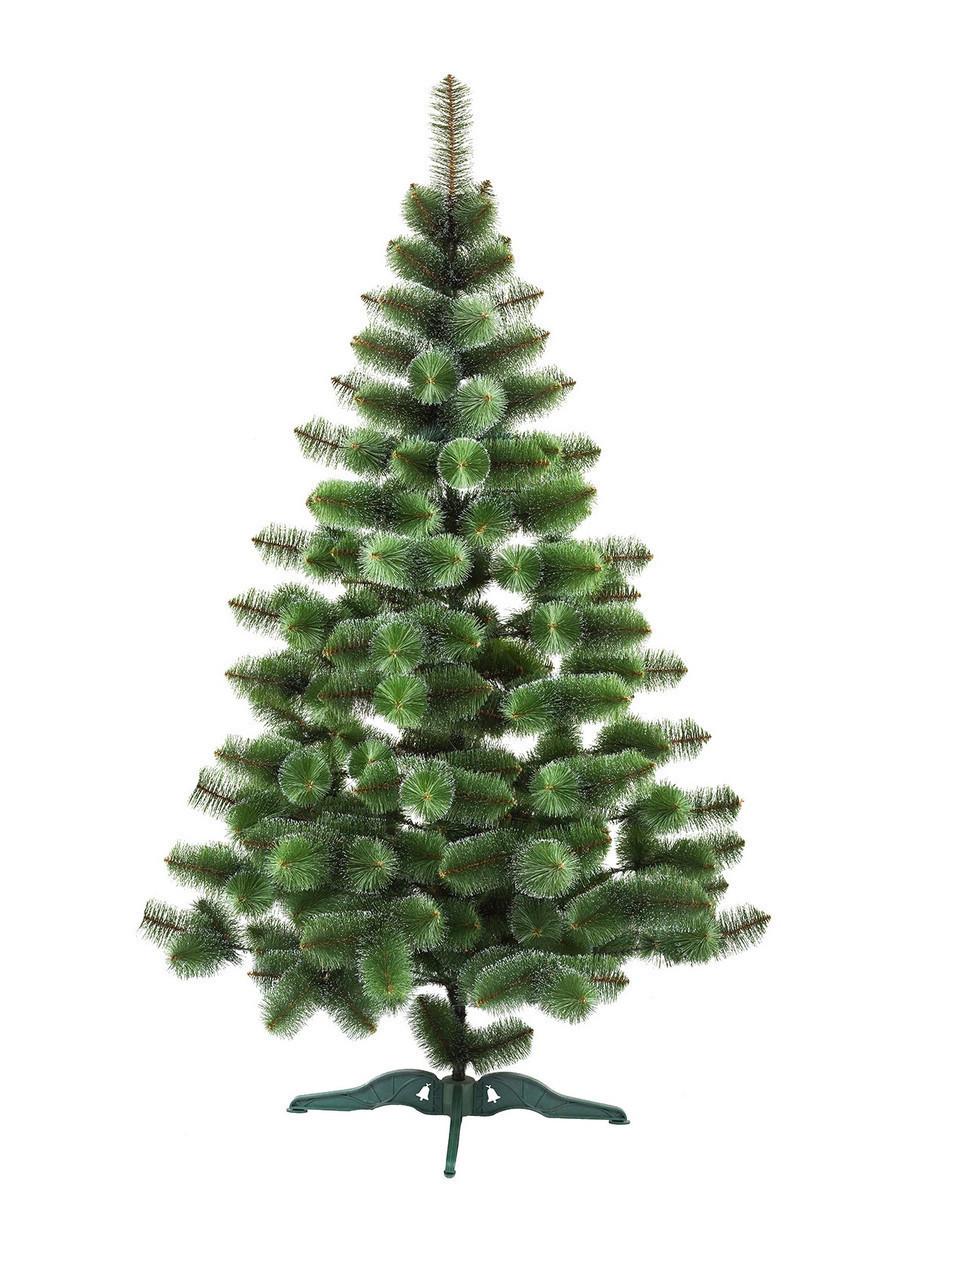 Сосна искусственная Bonita 0.7 м Новогодняя зеленая с белыми кончиками СШ-З-БК-0,70